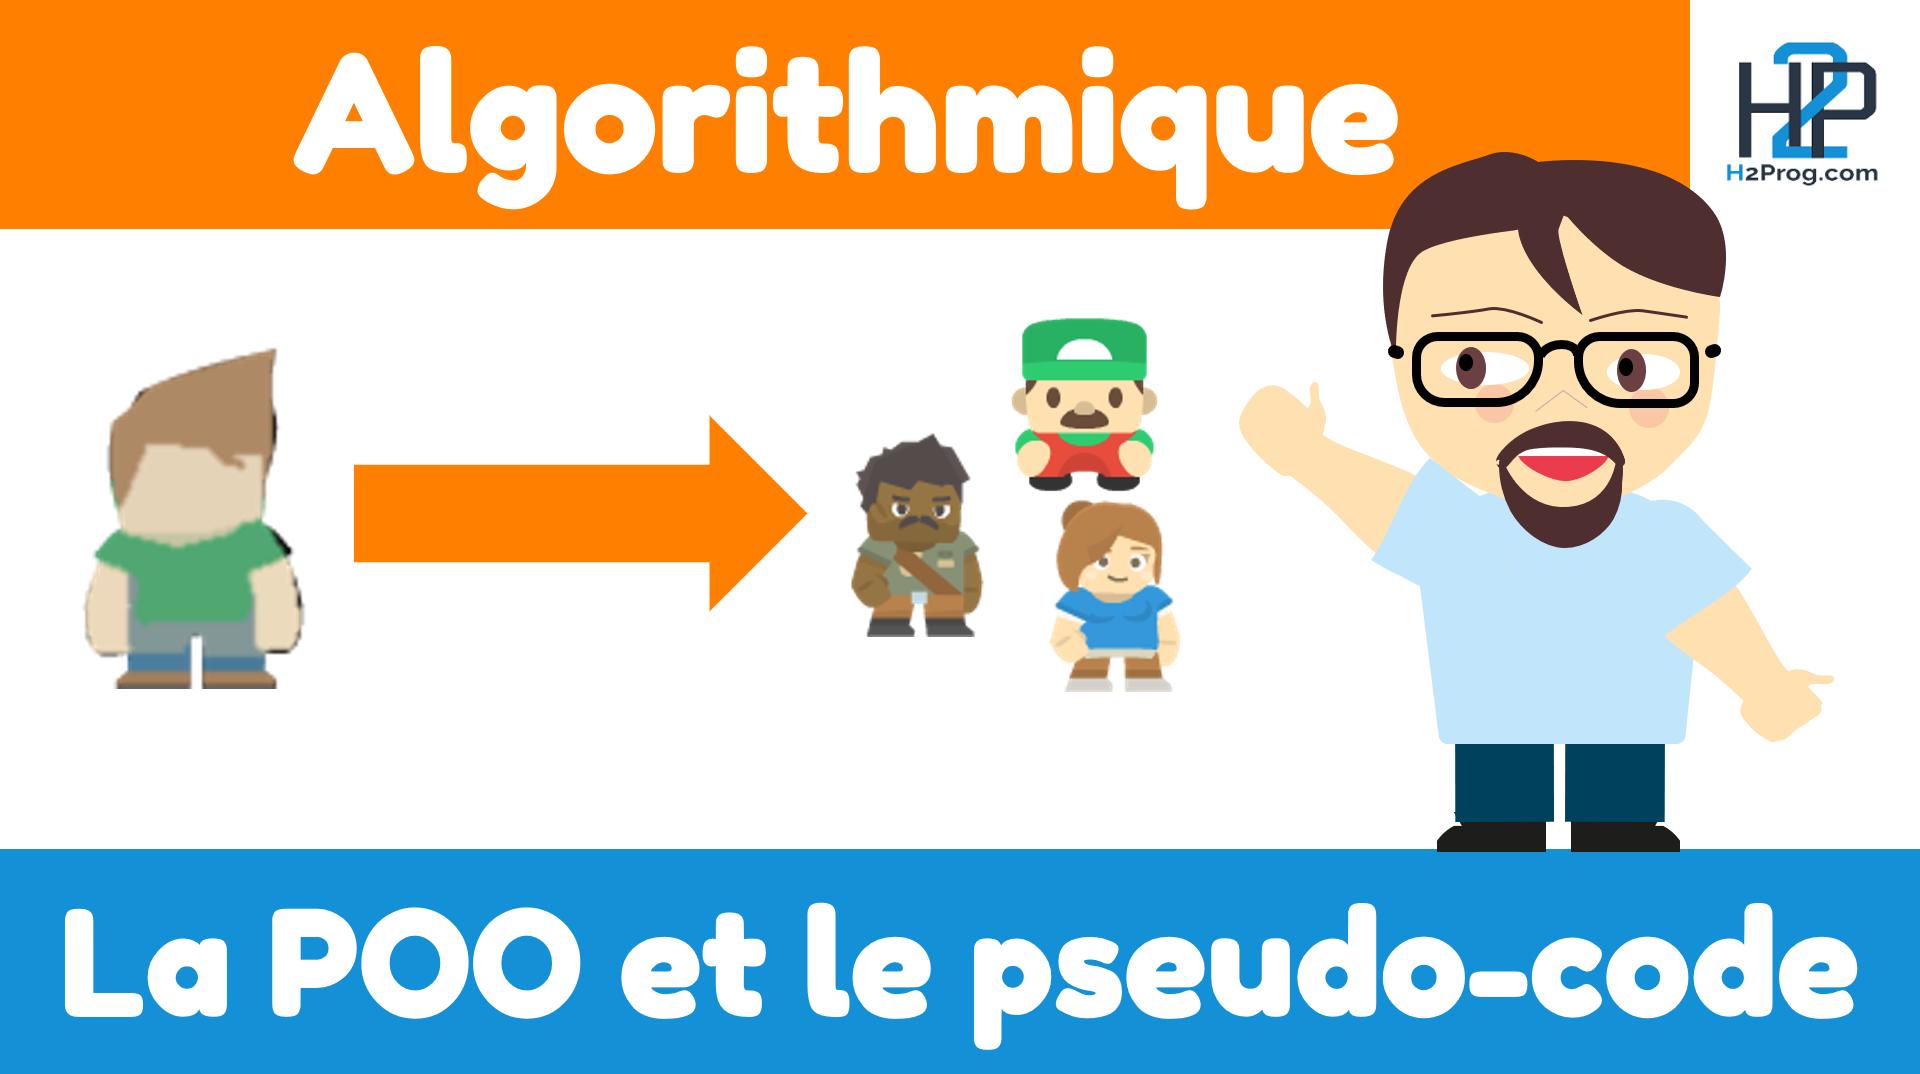 la POO et l'algorithmique